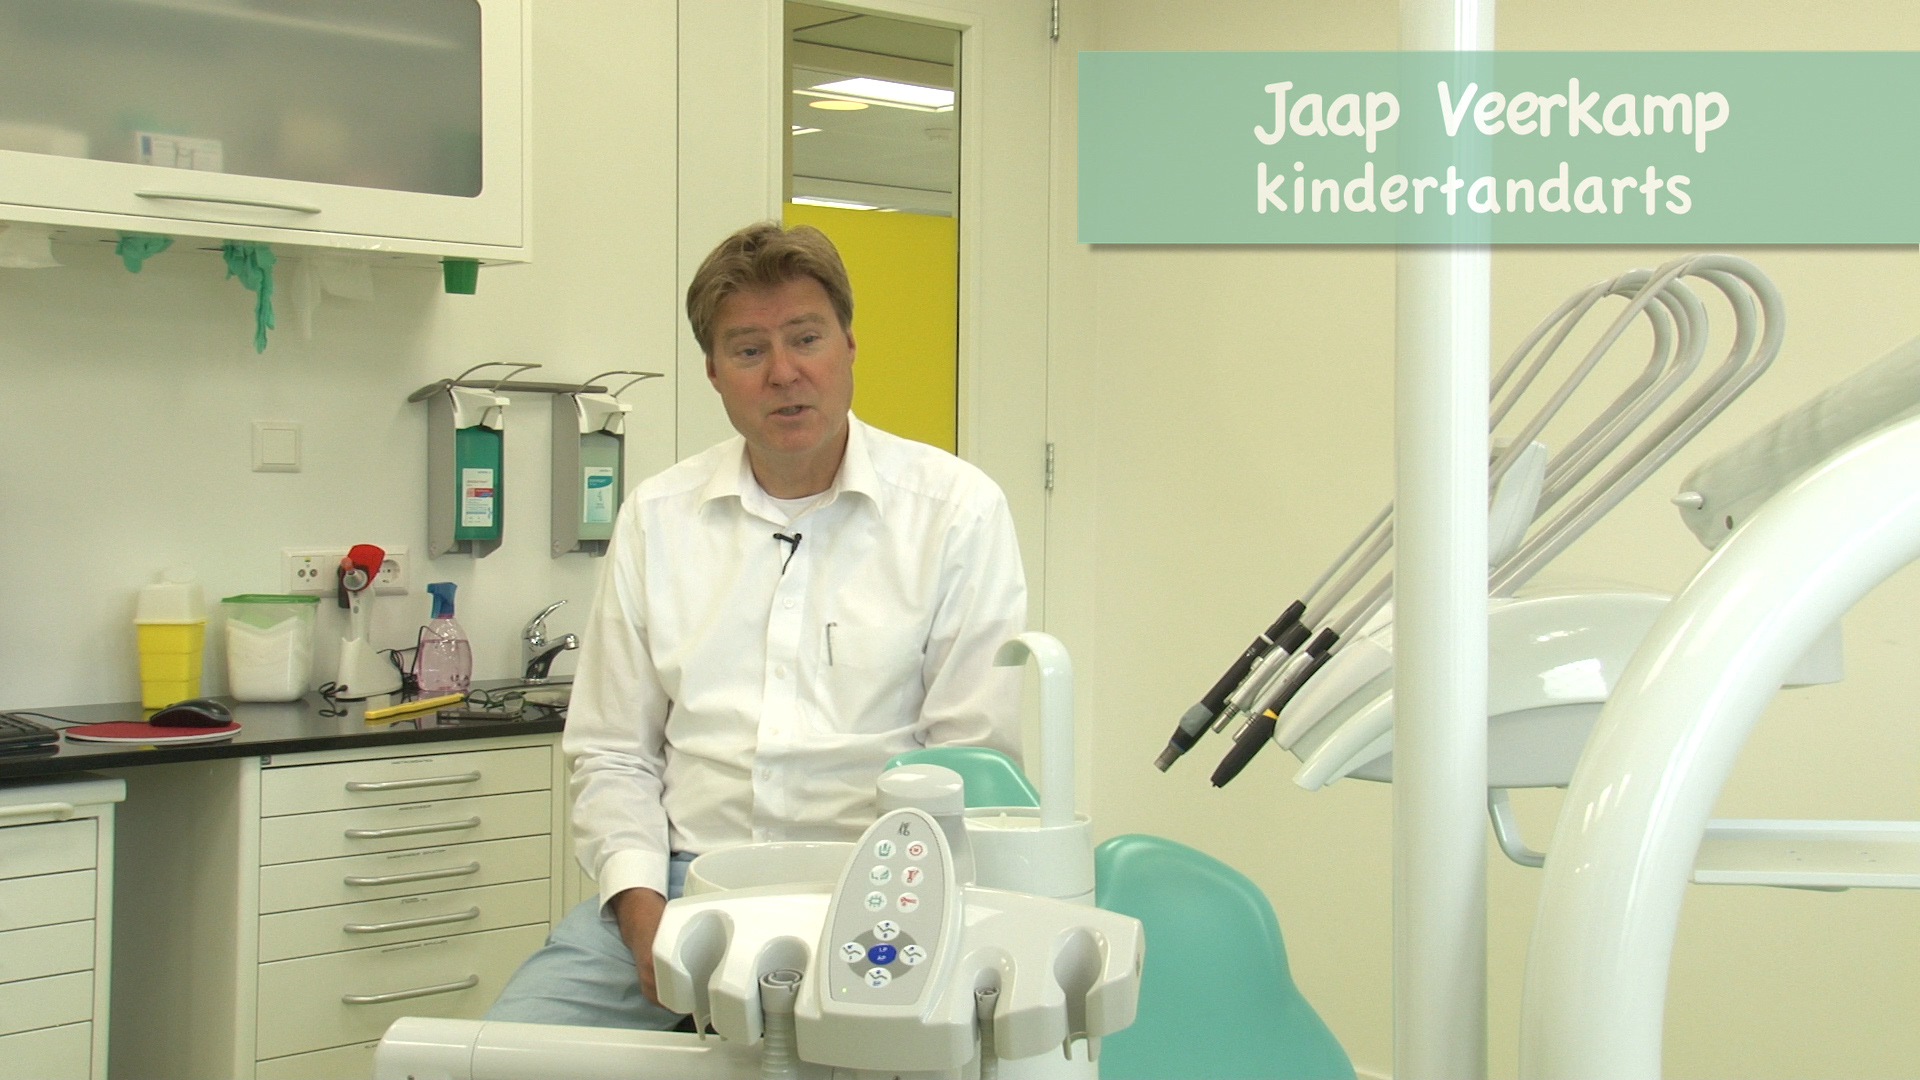 Jaap_veerkamp